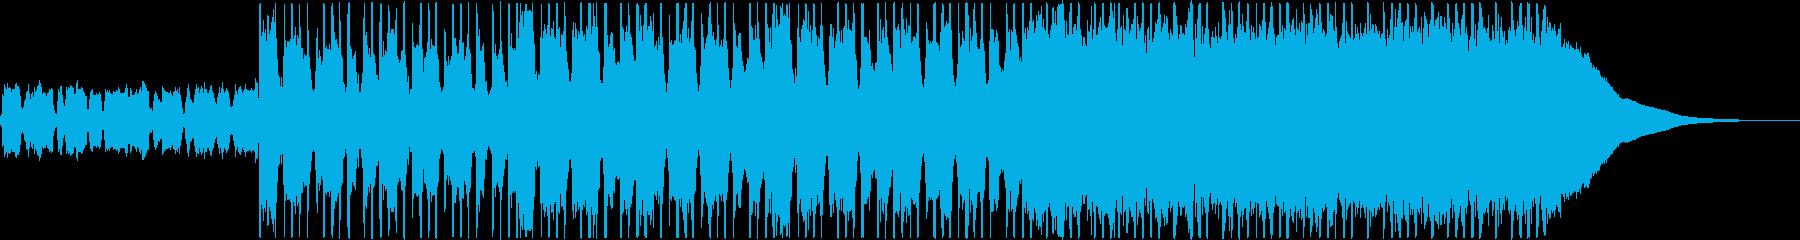 オープニング・CM・ロックの再生済みの波形